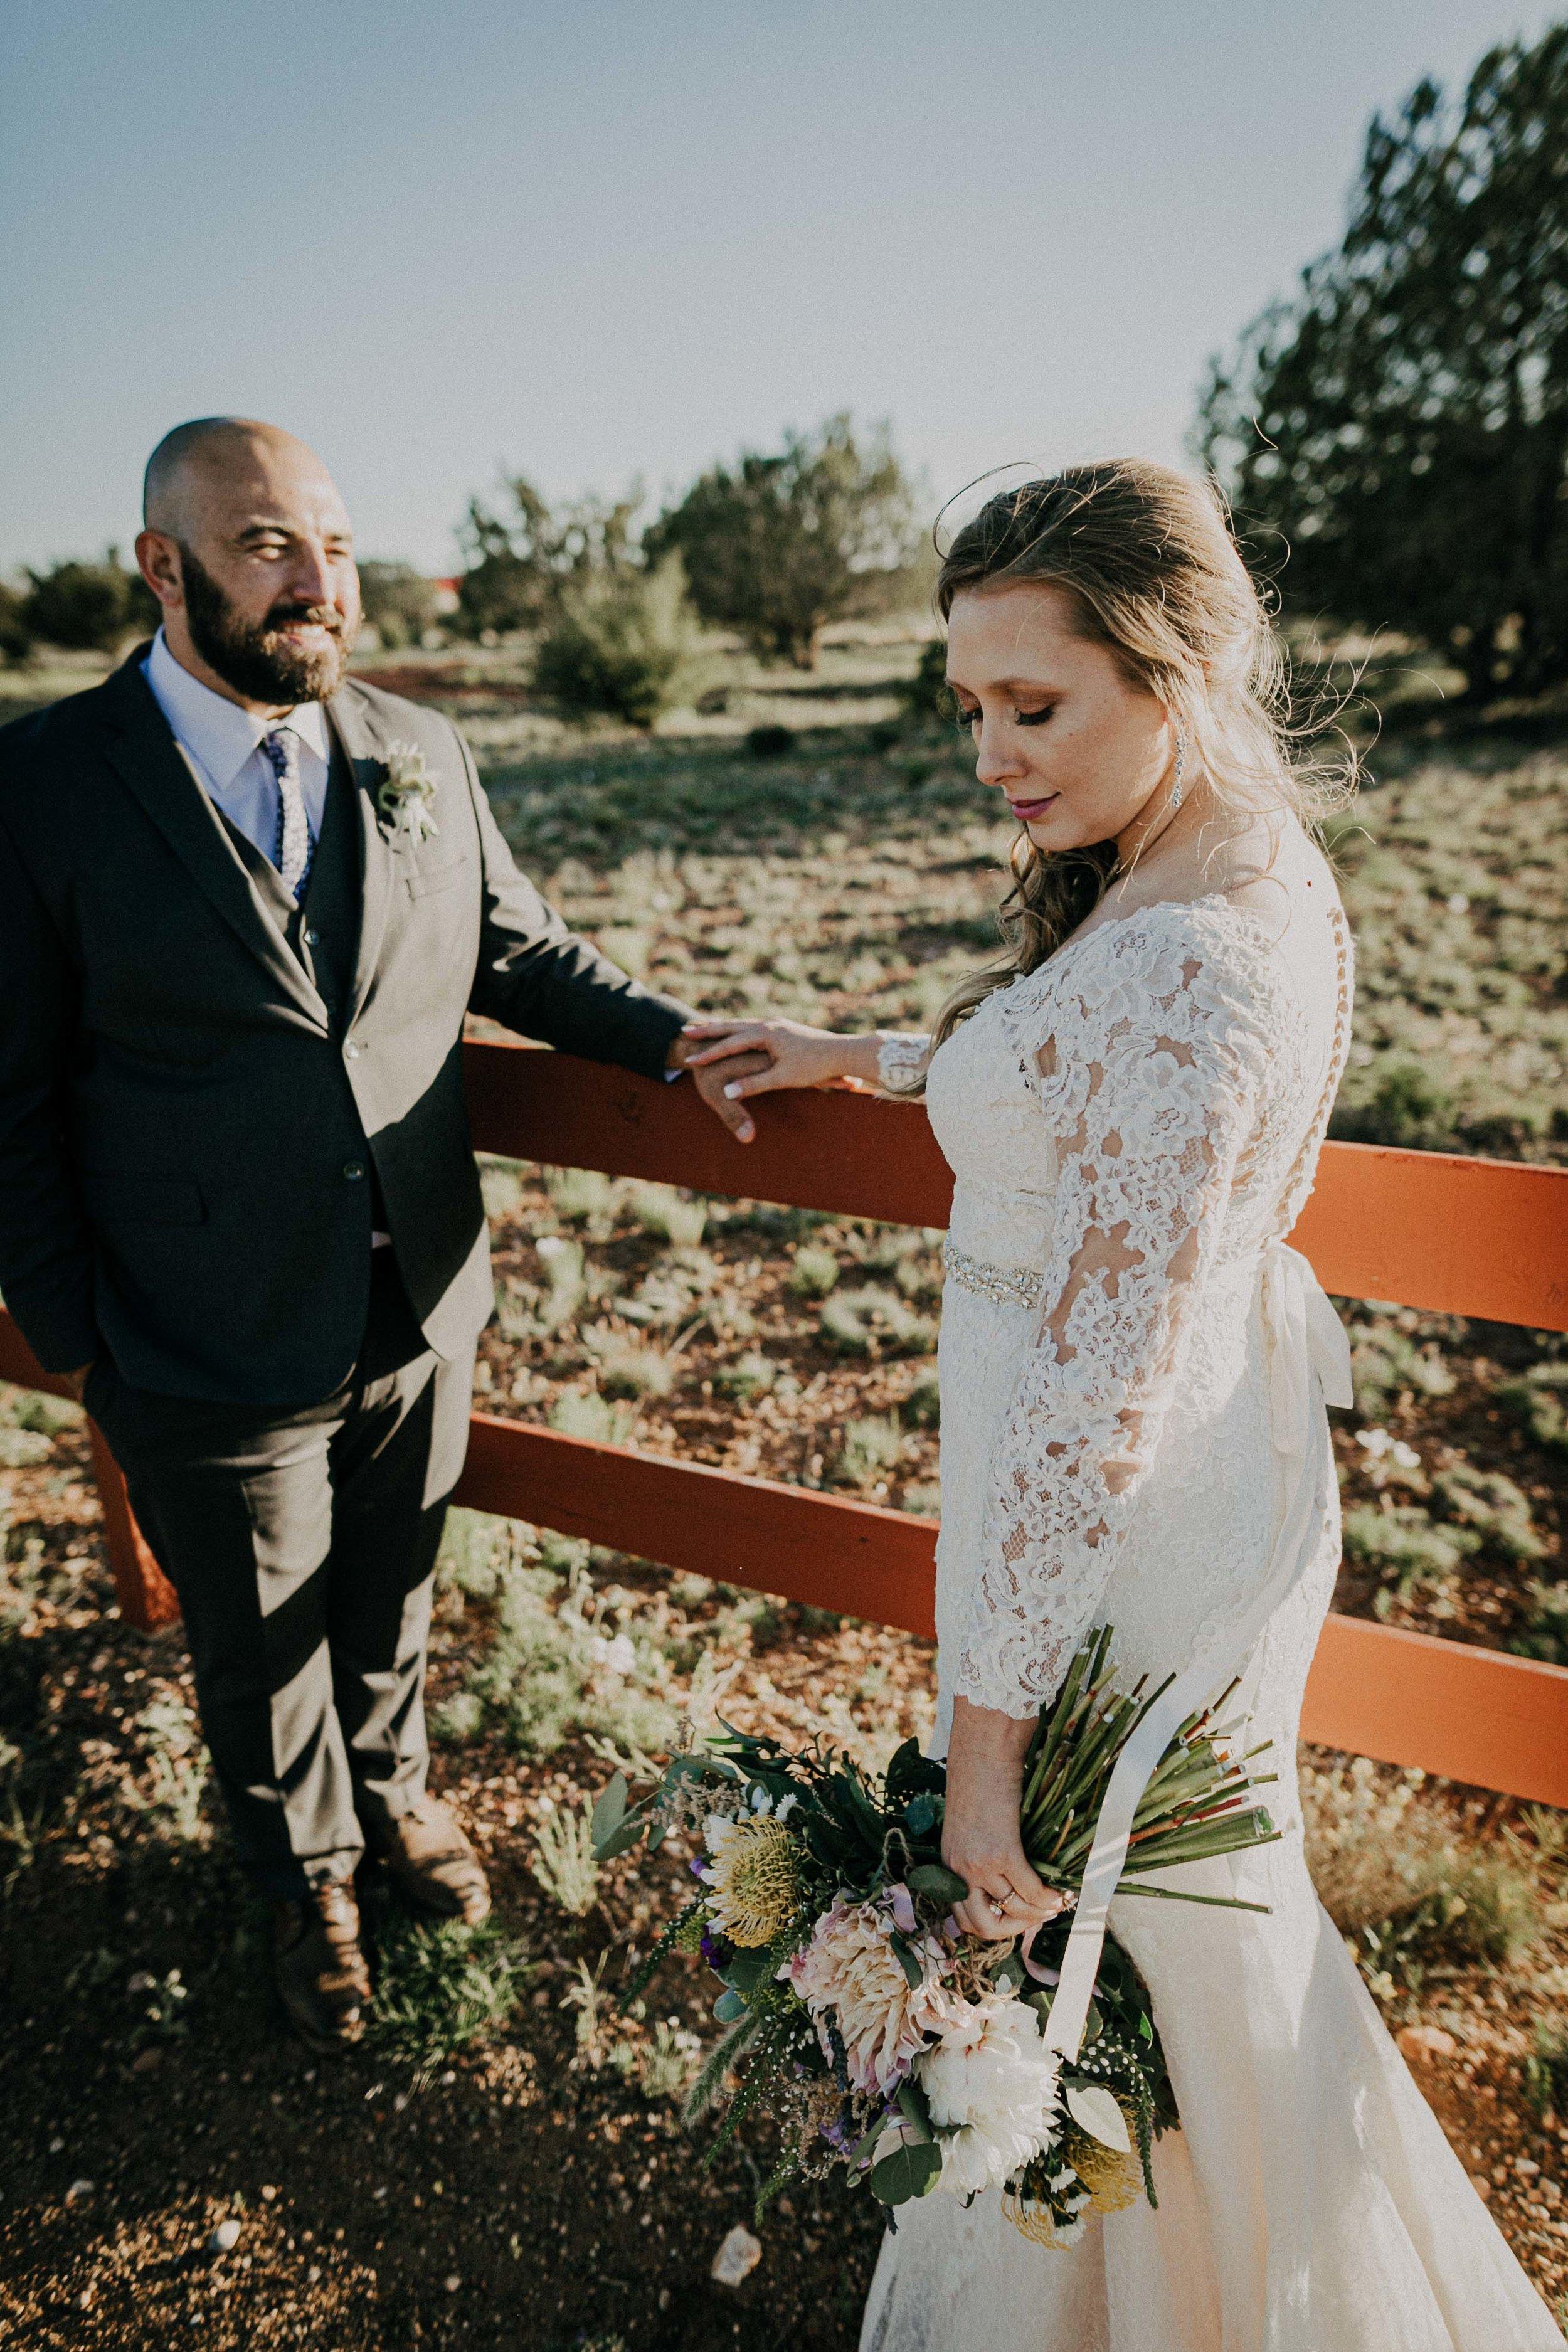 Wedding-16-2.jpg